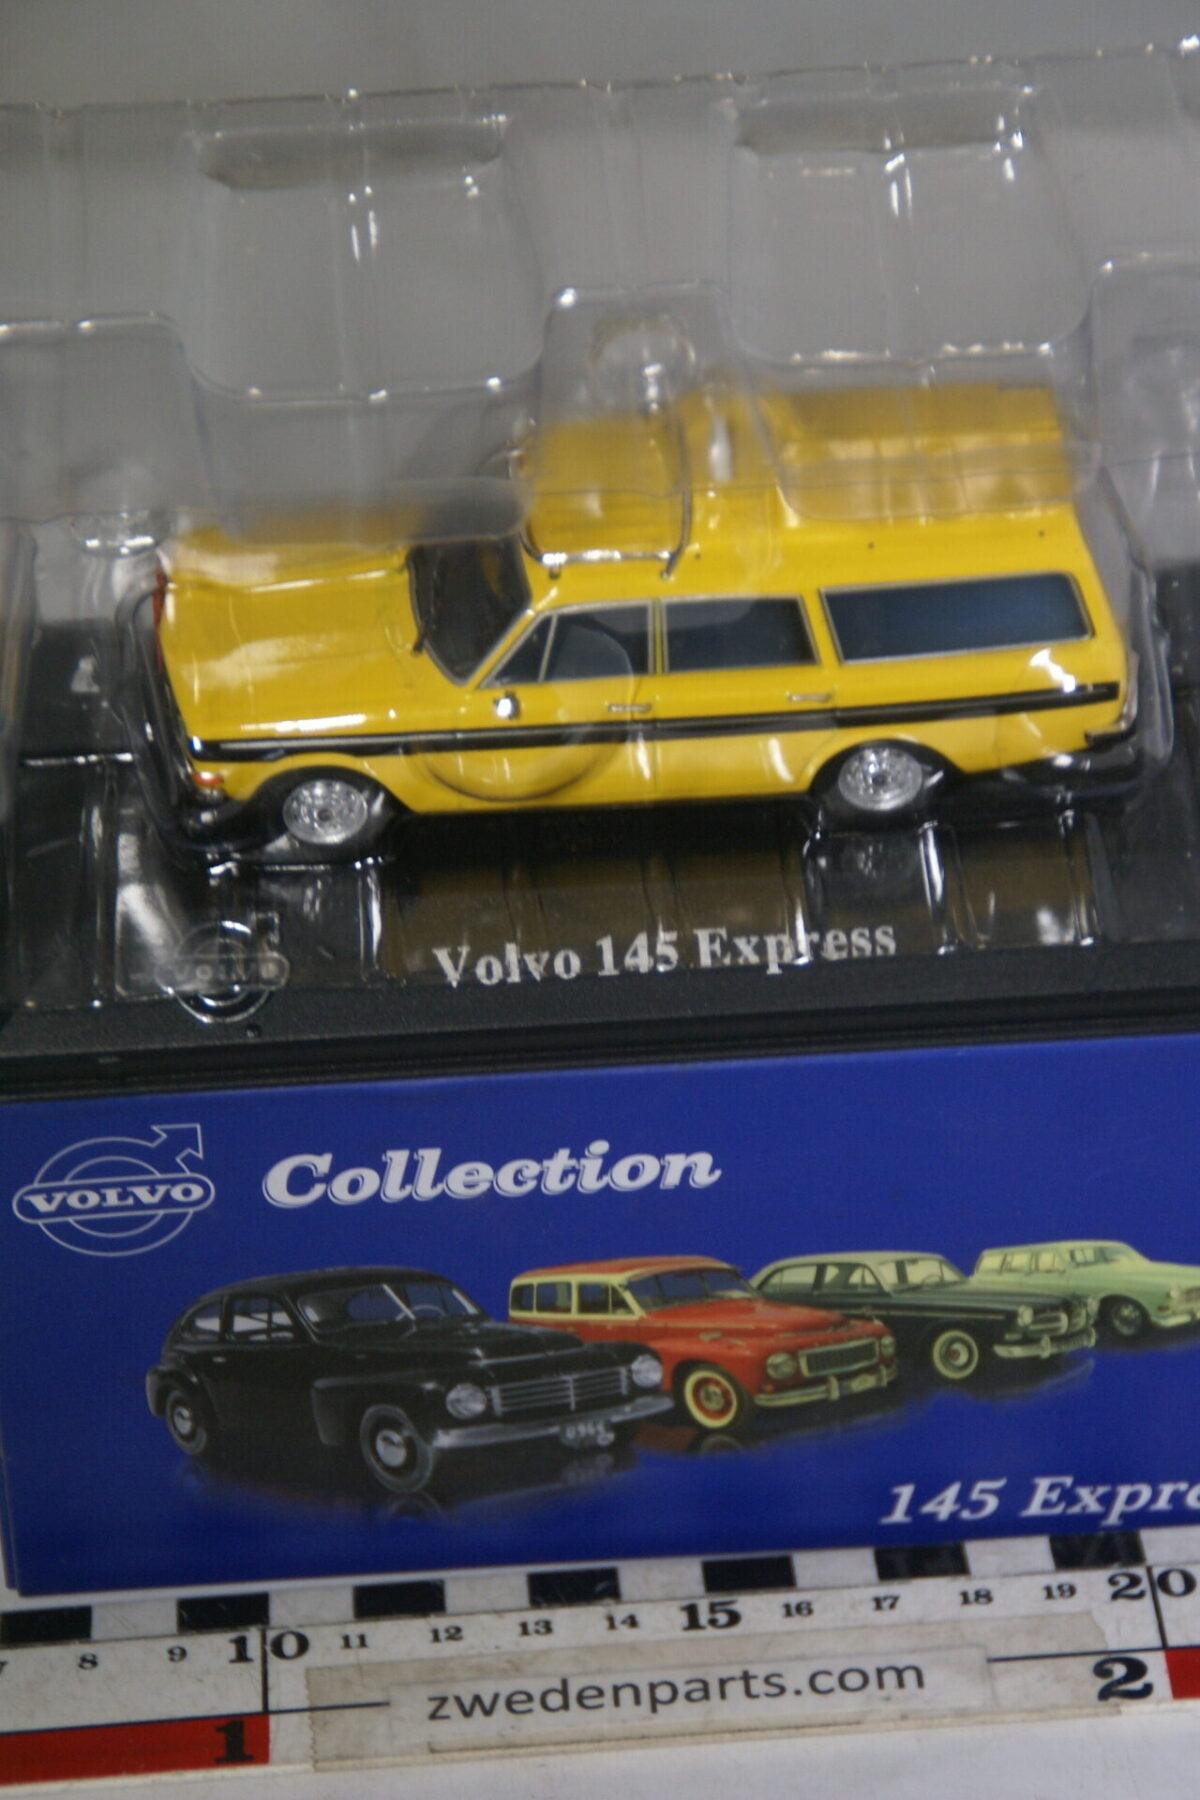 DSC00510 miniatuur Volvo 145 Express geel 1op43 Atlas 40 nieuw in originele verpakking-623f9256